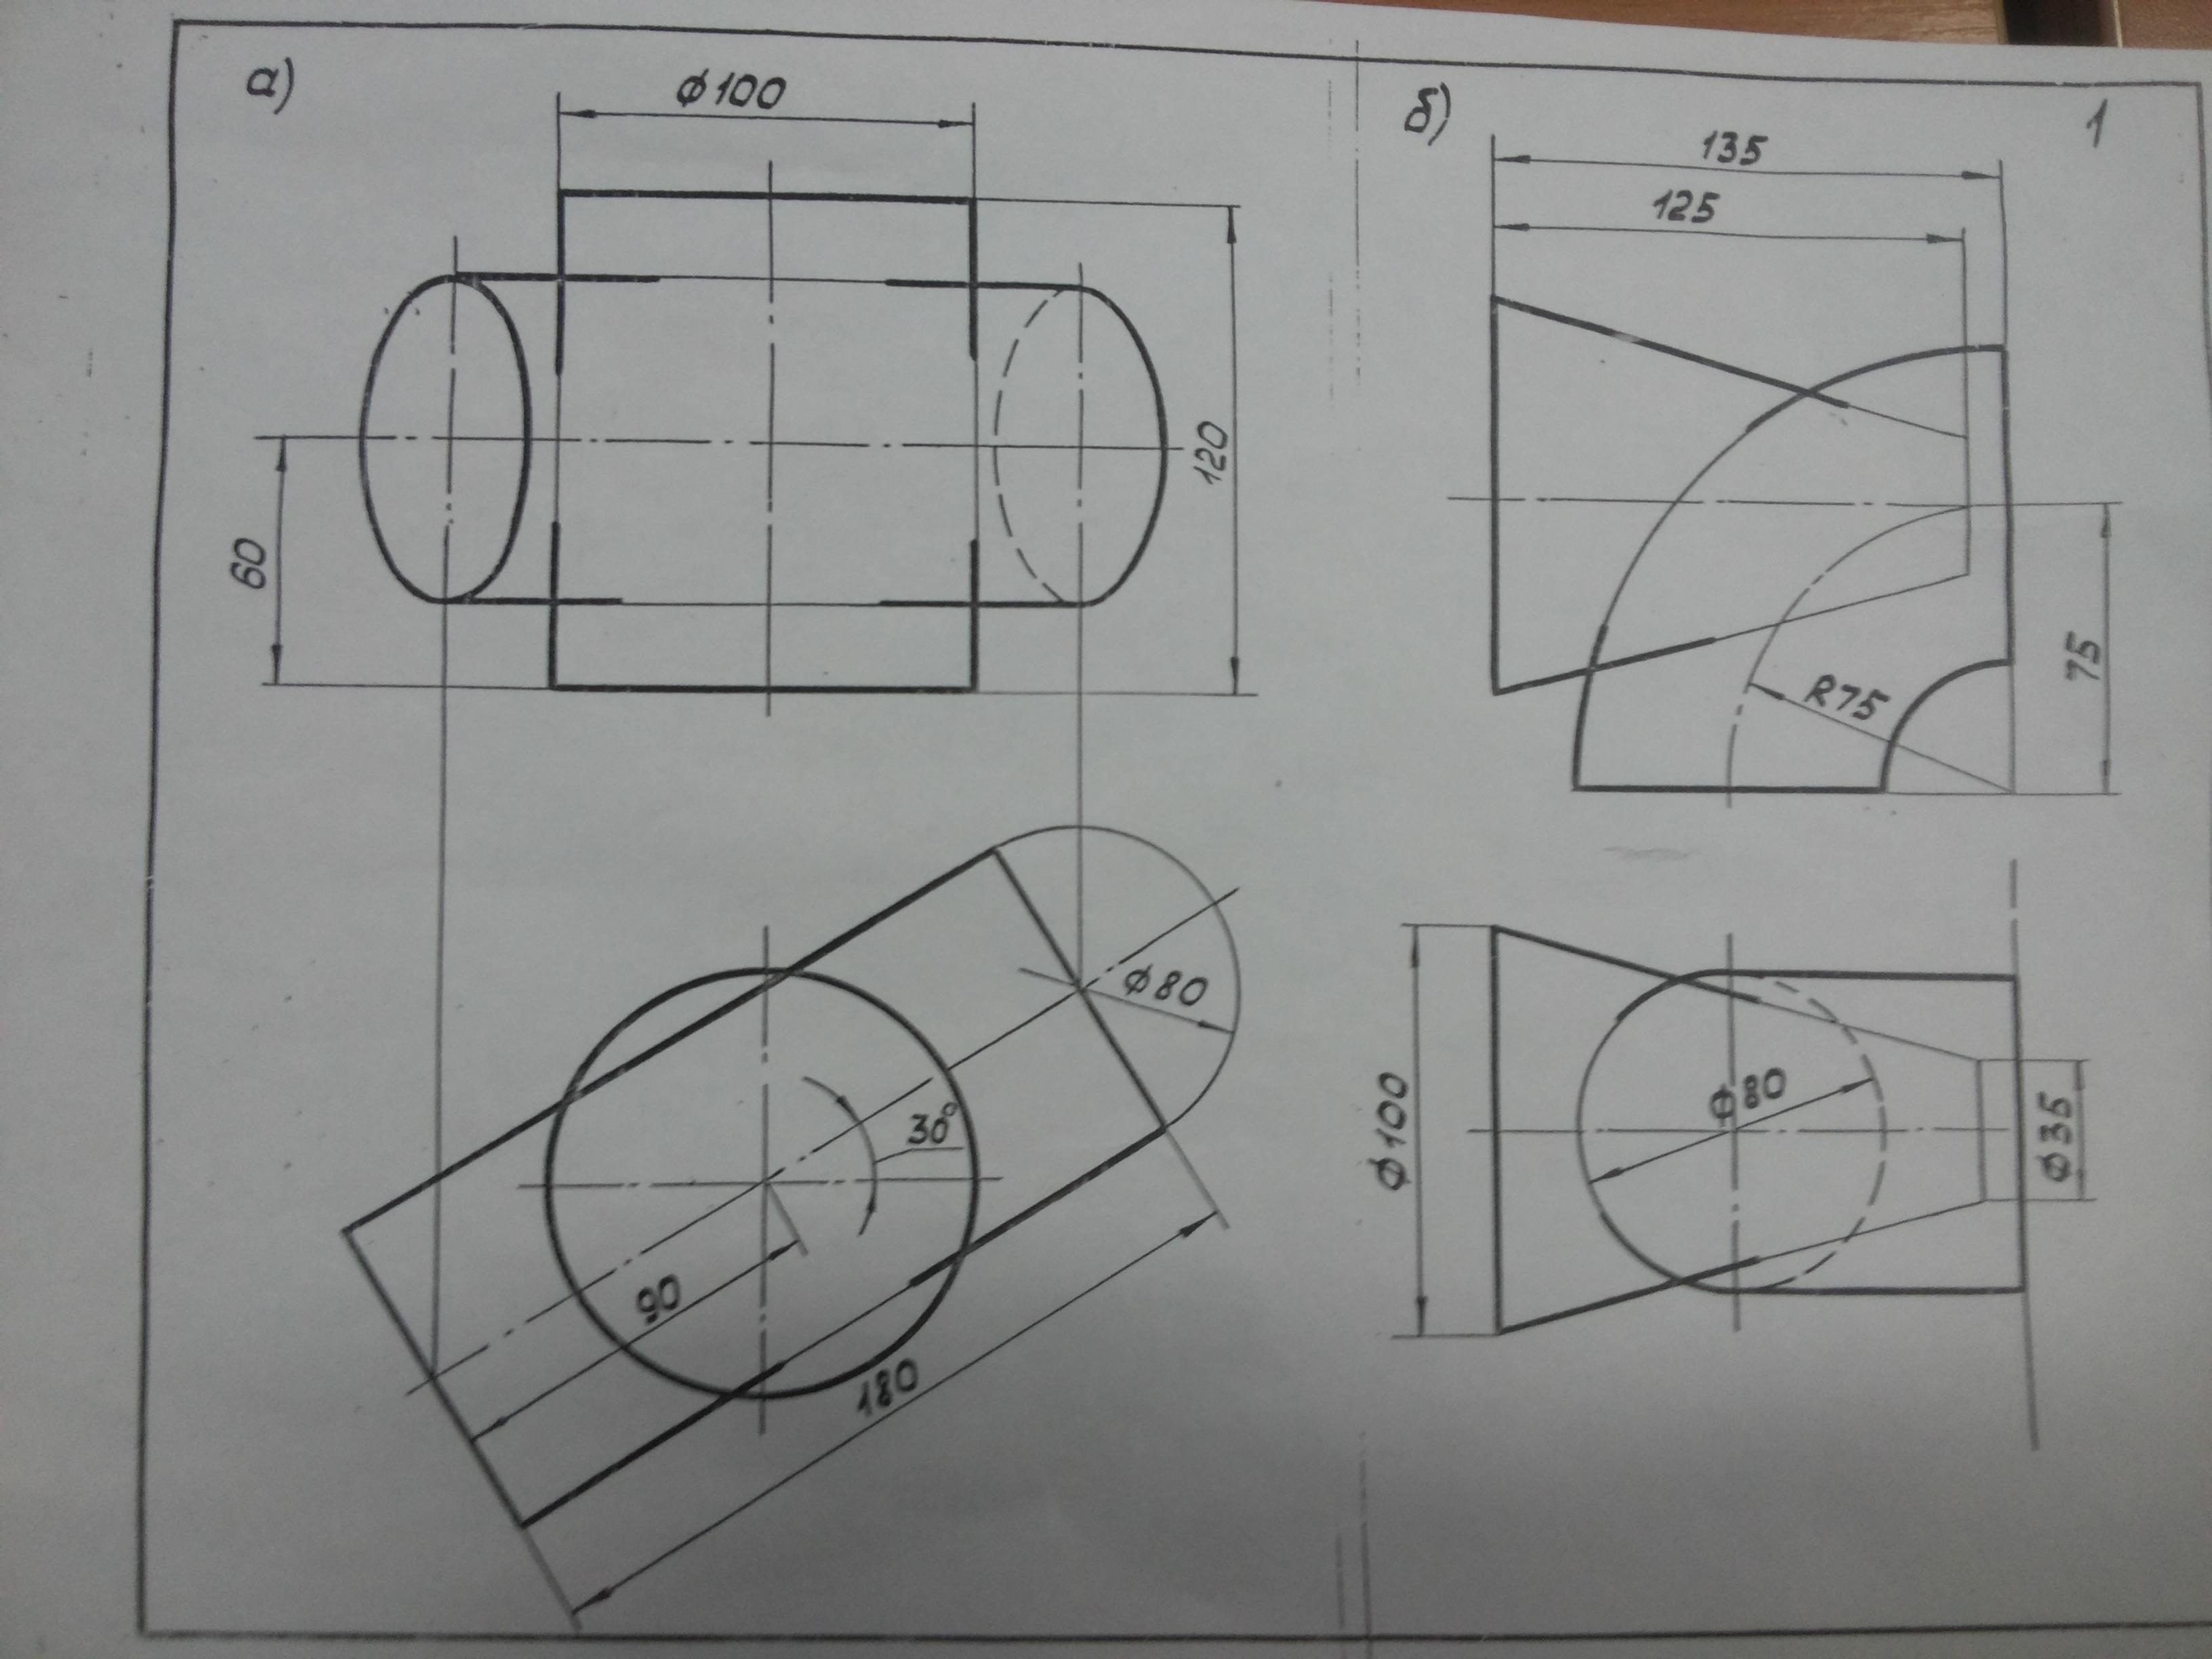 Каким способом чертить линию пересечения в а) и как?